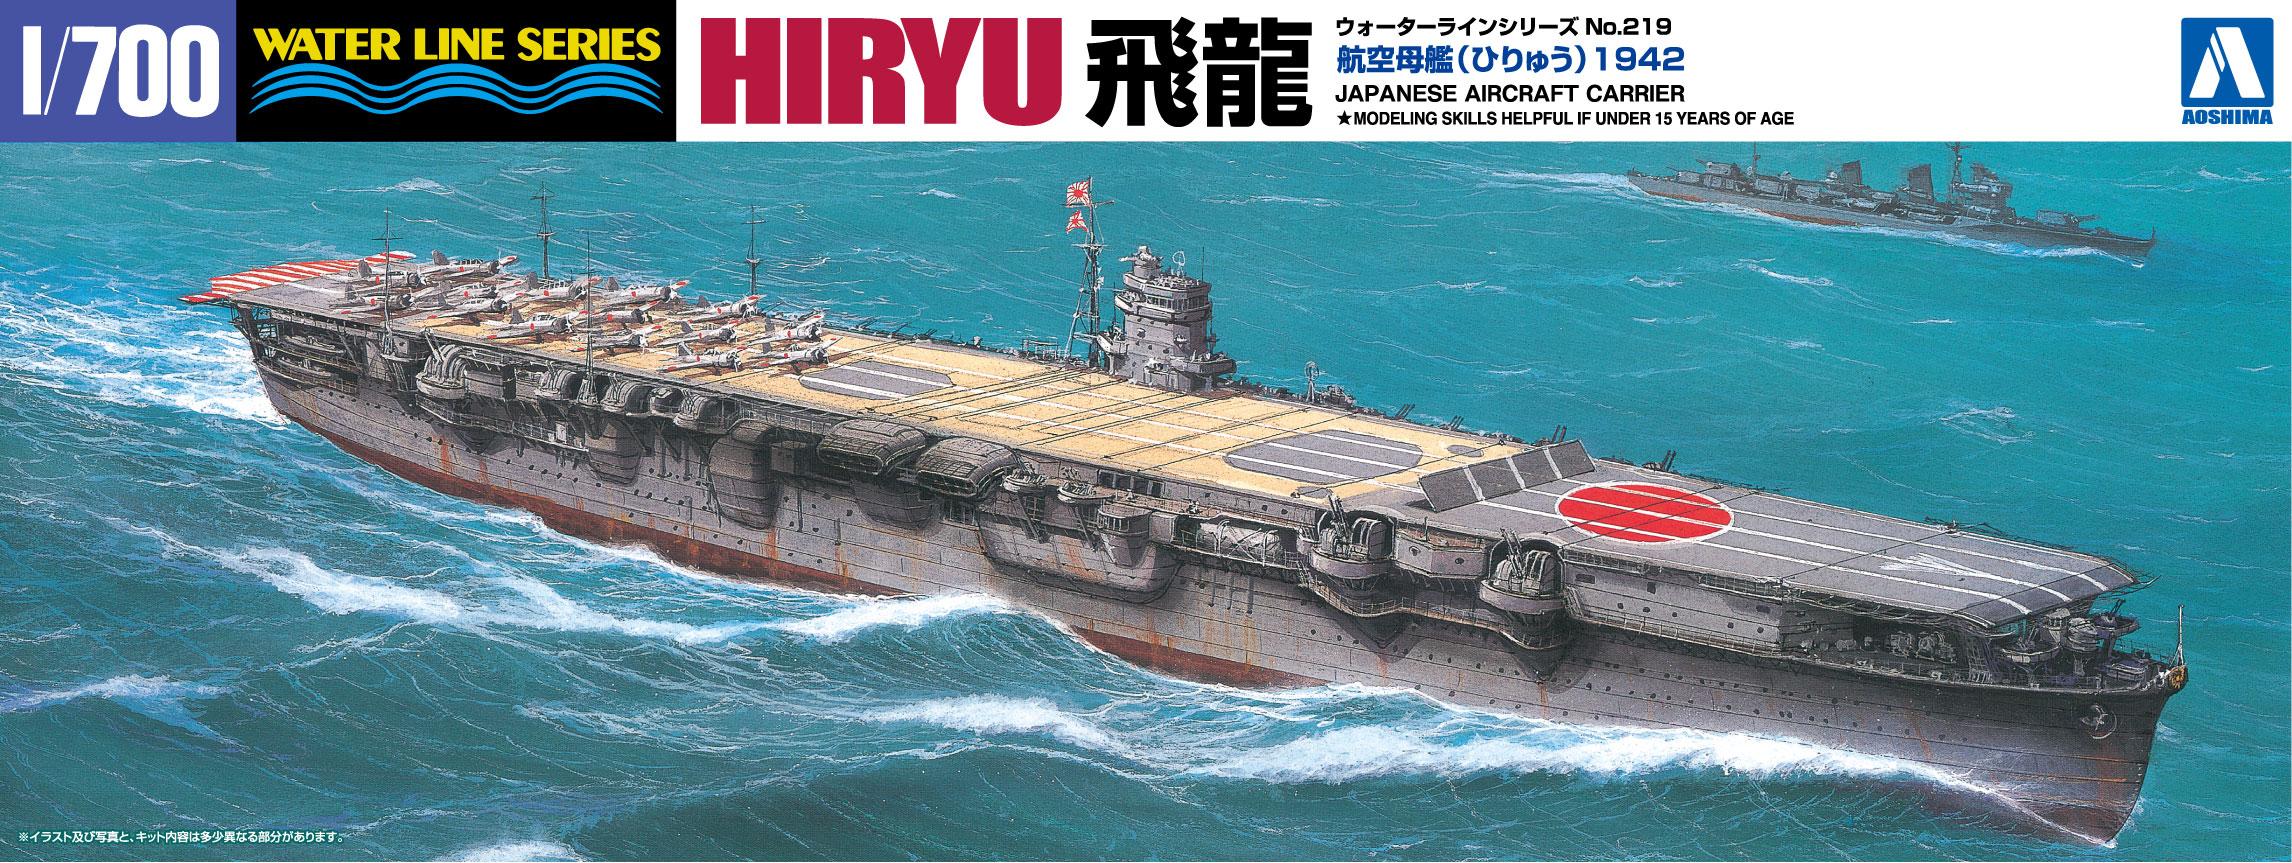 Aoshima 1/700 IJN Aircraft Carrier HIRYU (1942)